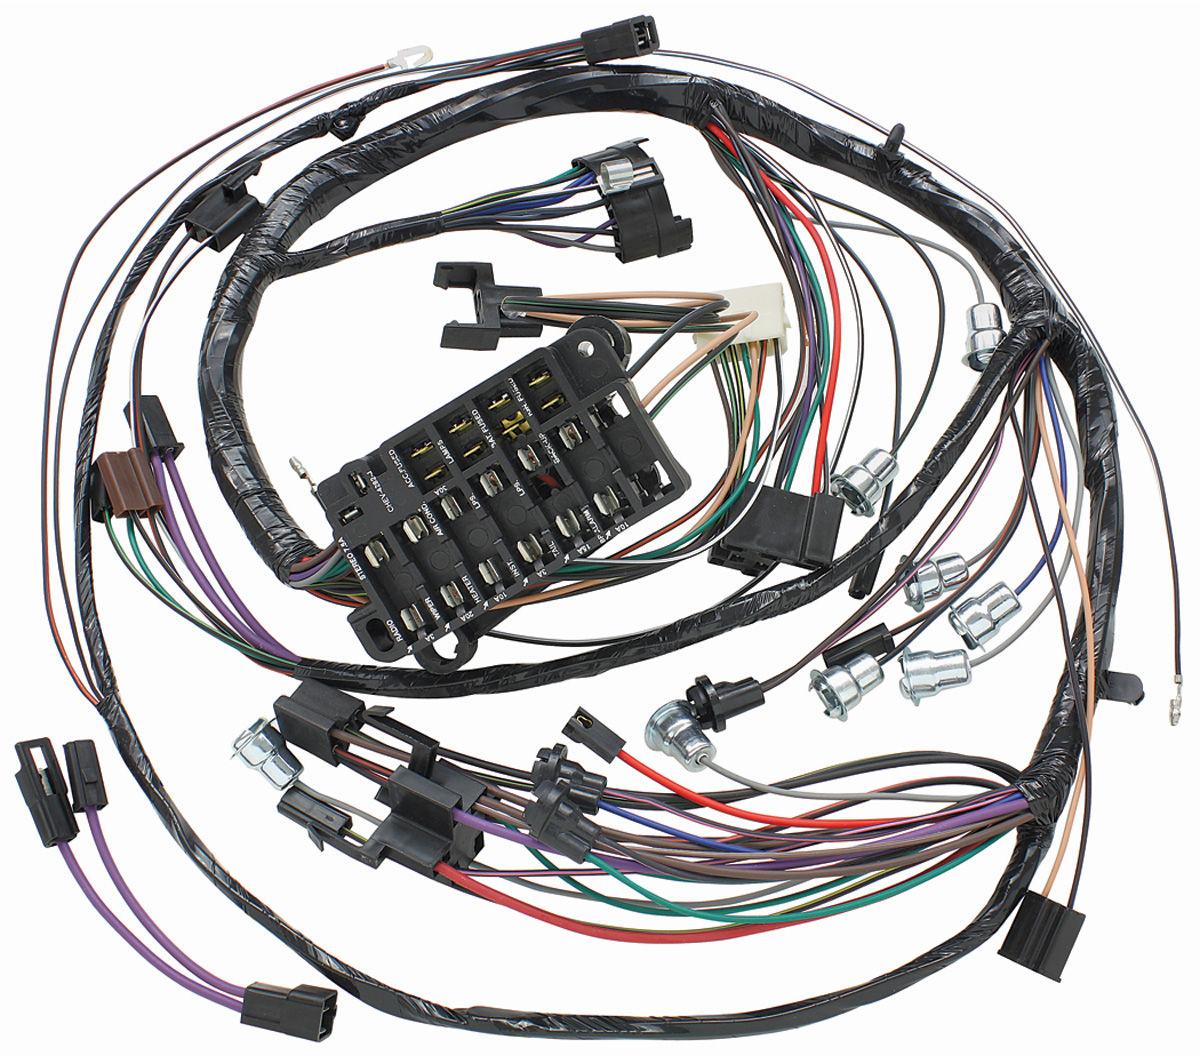 1969 chevelle dash wiring m&h 1969 chevelle dash/instrument panel harness w/warning ... 1969 chevelle engine wiring